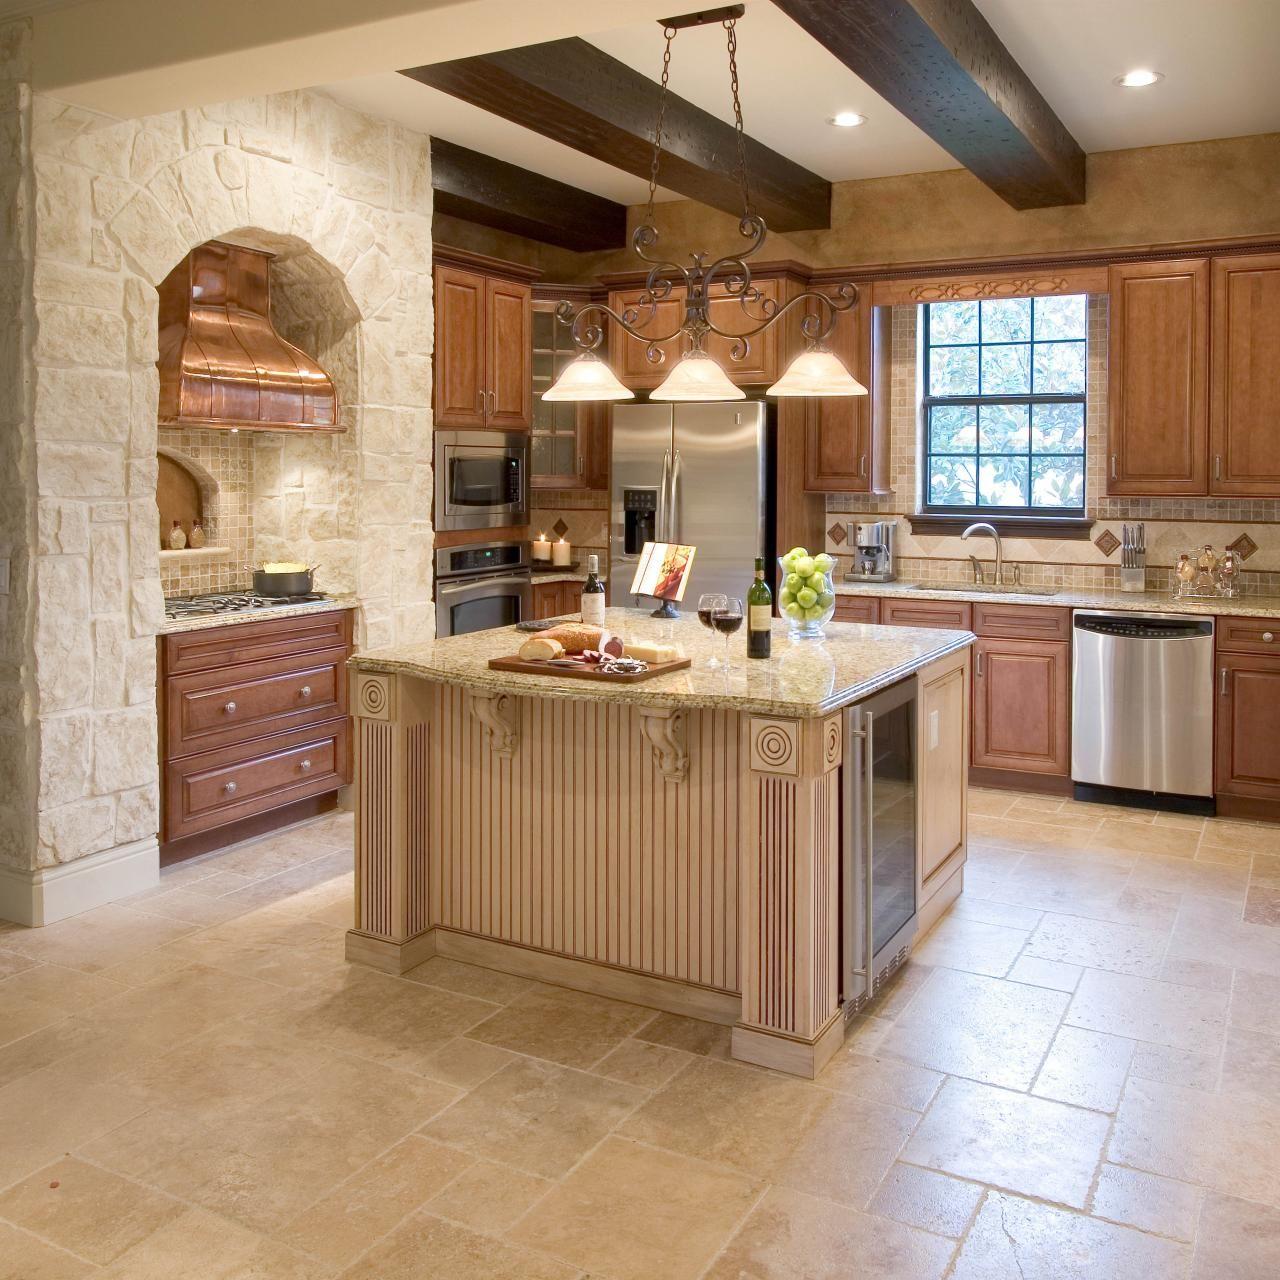 Mediterranean Kitchen Design Pictures Ideas From Hgtv Kitchen Design Decor Functional Kitchen Design Top Kitchen Designs